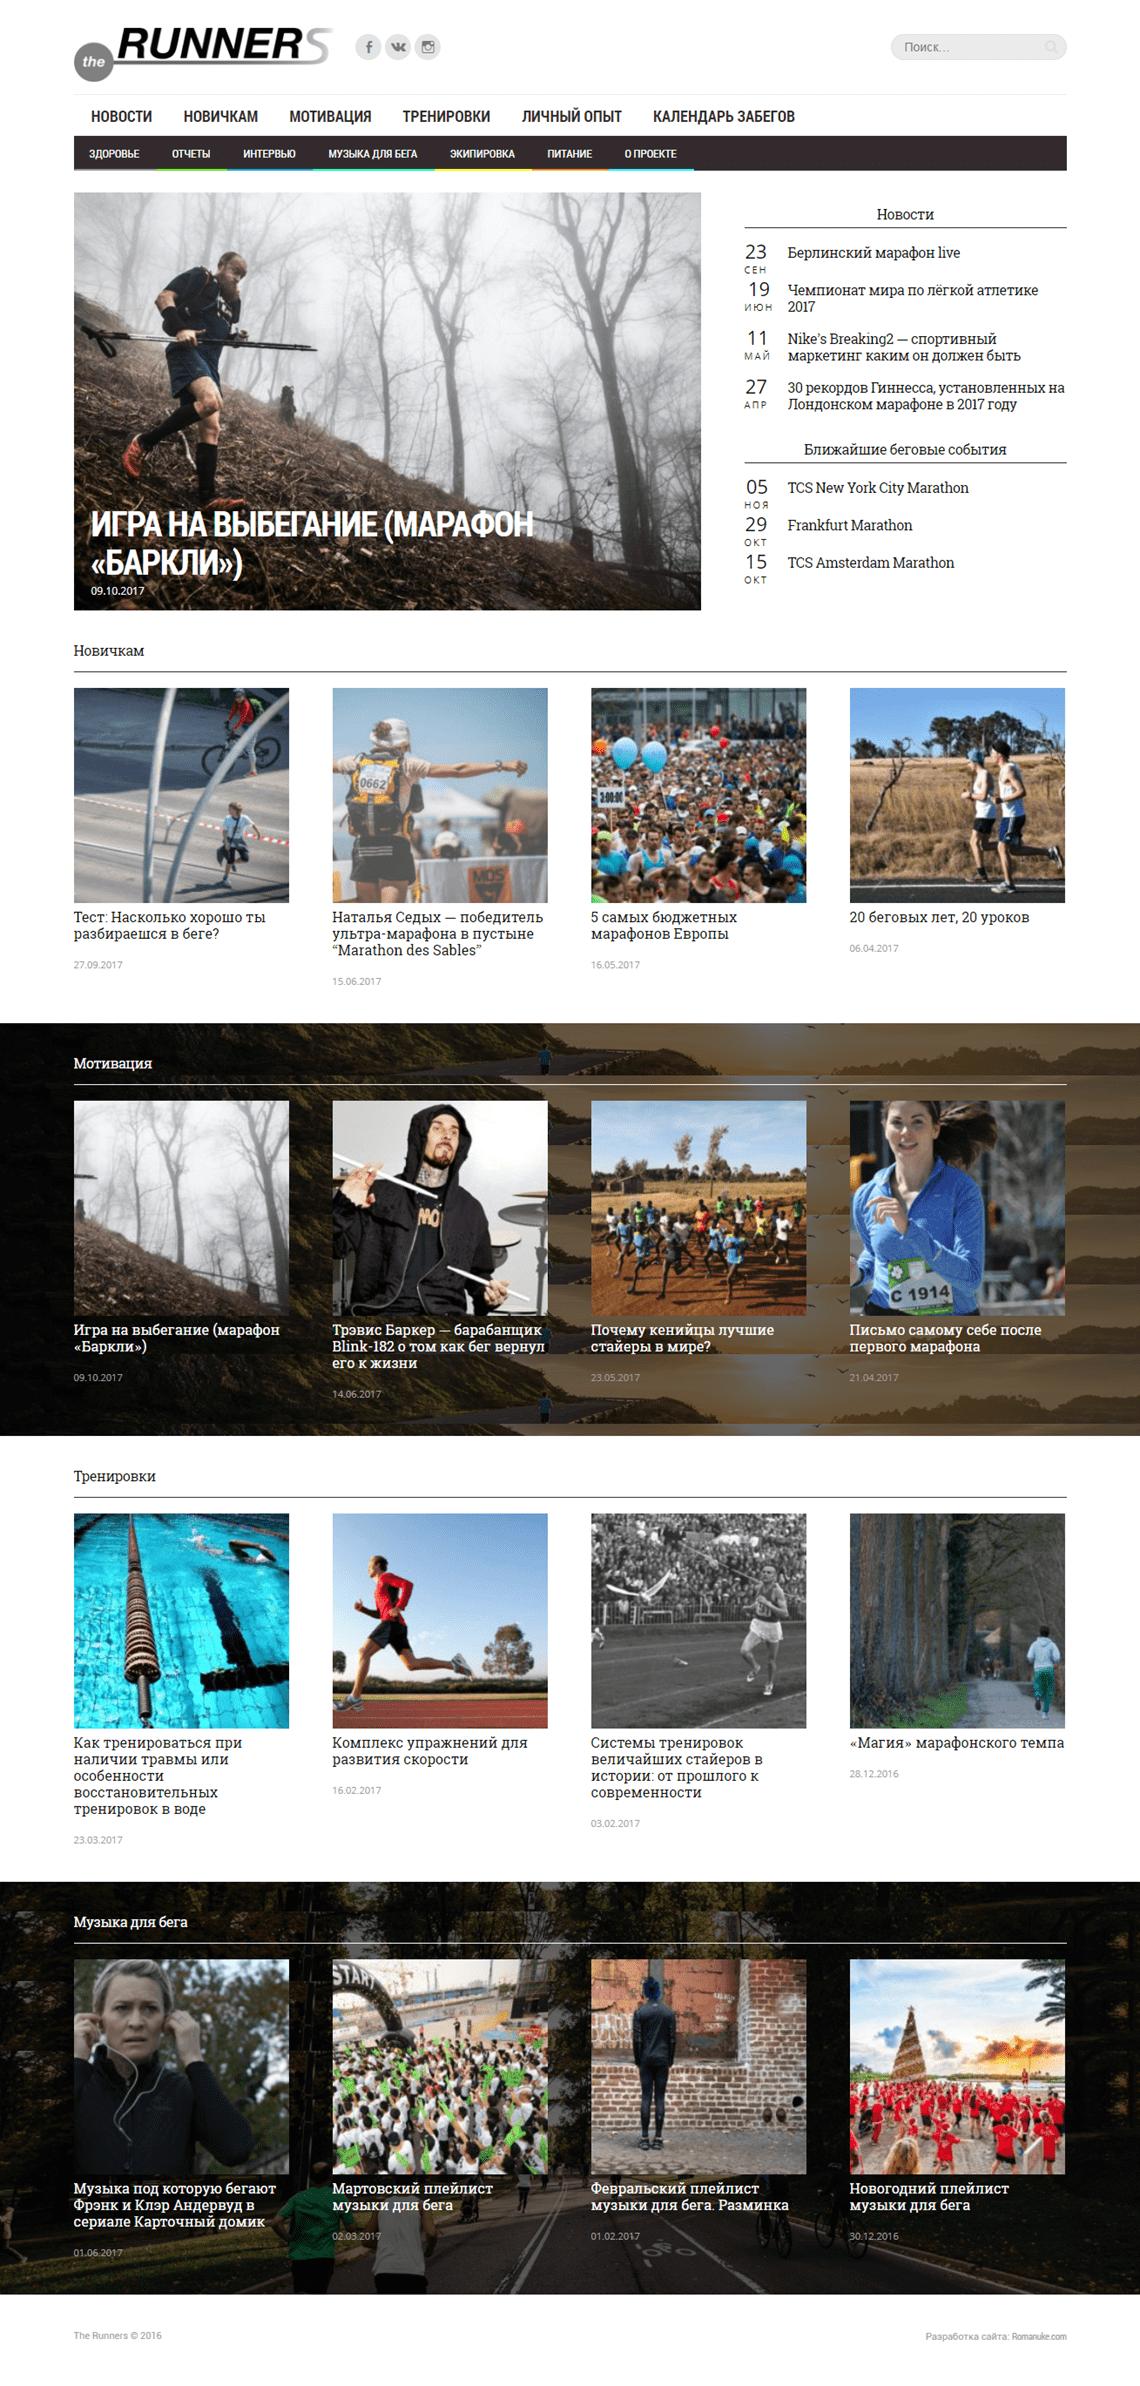 sajt_dlya_lyubitelej_bega_the-runners